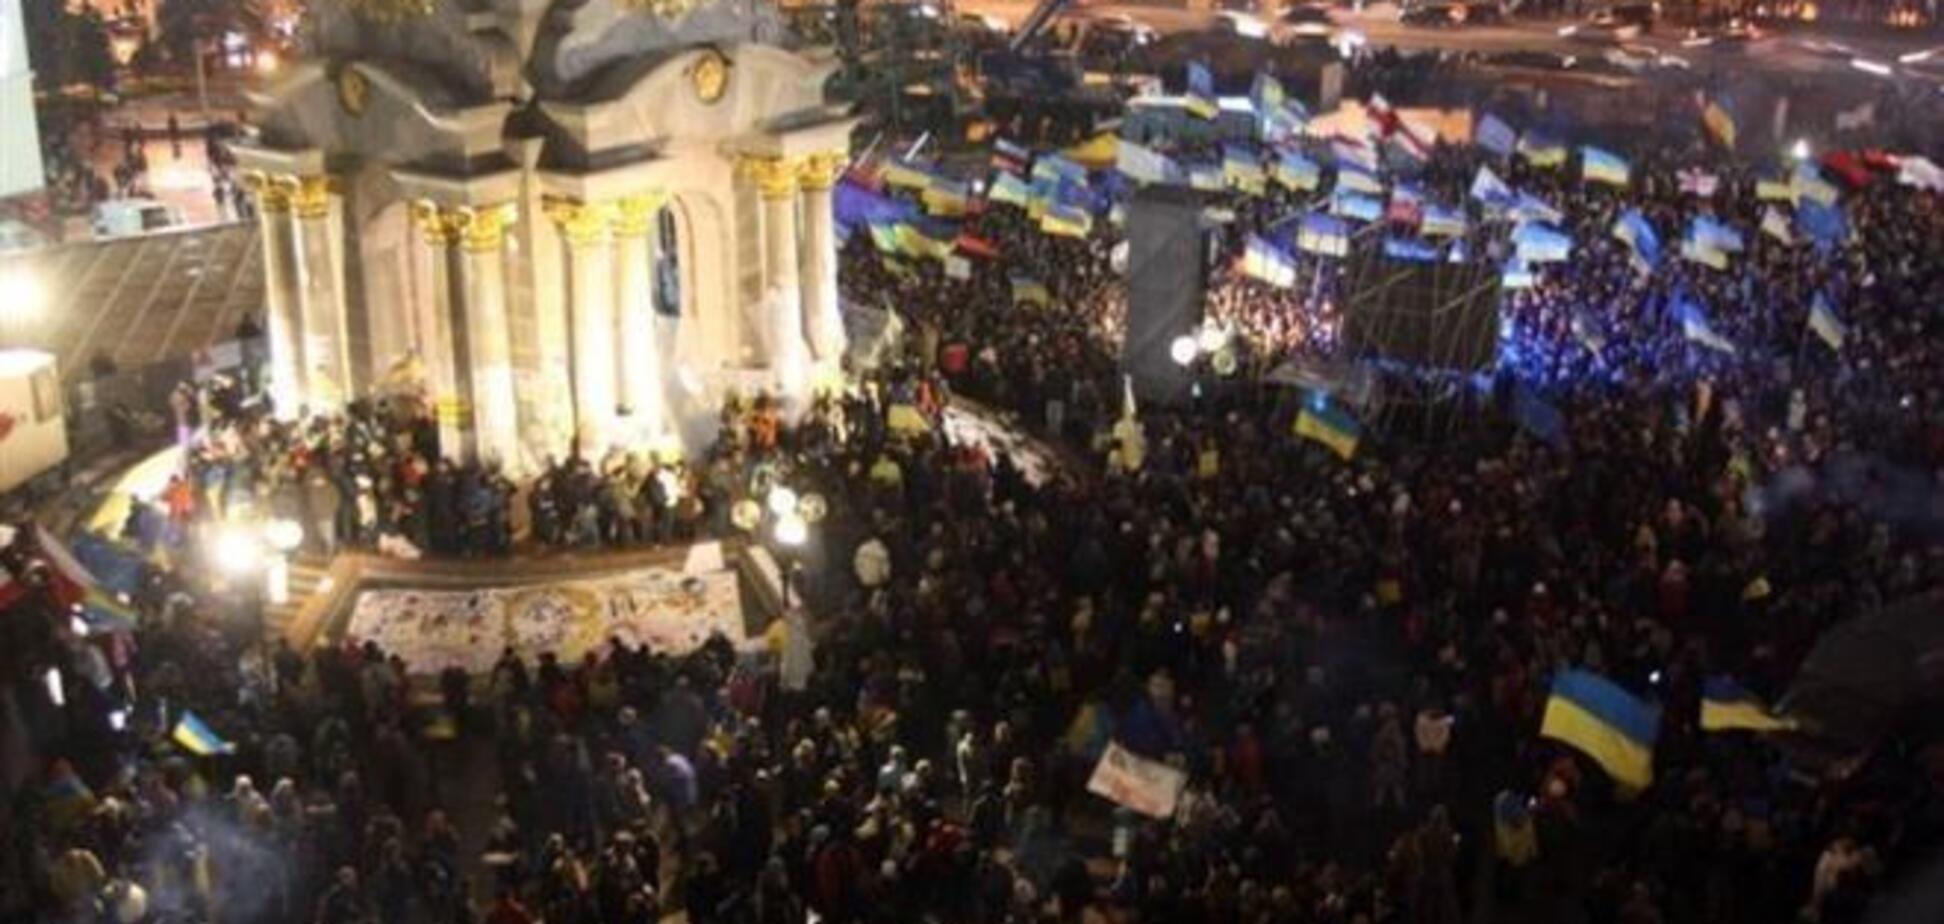 Финальную акцию Евромайдана проведут 1 декабря